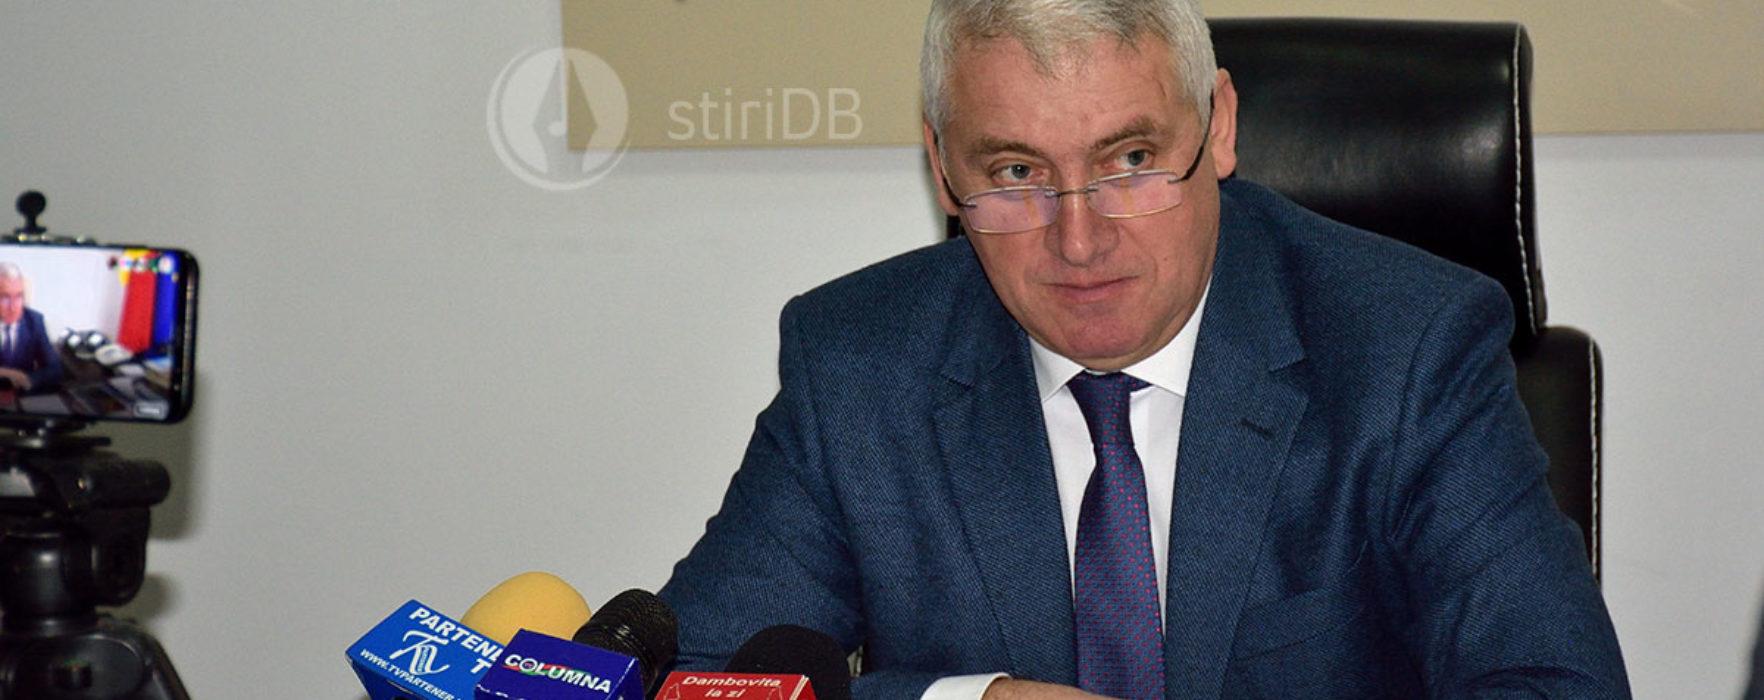 A. Ţuţuianu: Colegi din PSD Dâmboviţa sunt fără coloană vertebrală, iar efortul Rovanei Plumb de a mima implicarea în viaţa PSD e ilar